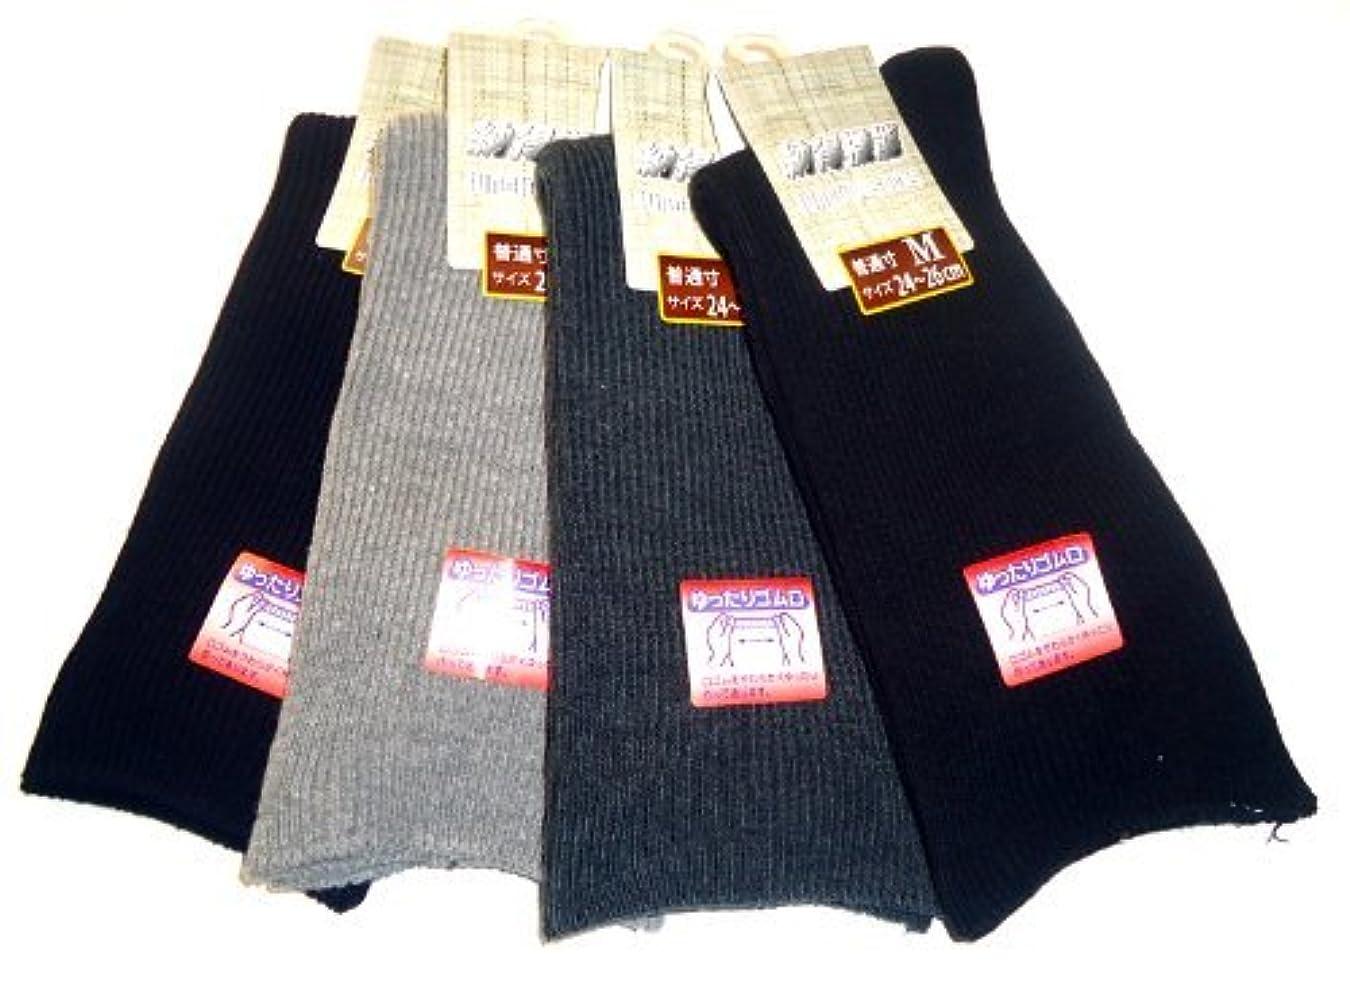 下手メトリック頼む日本製 靴下 メンズ 口ゴムなし ゆったり靴下 24-26cm お買得4色4足組